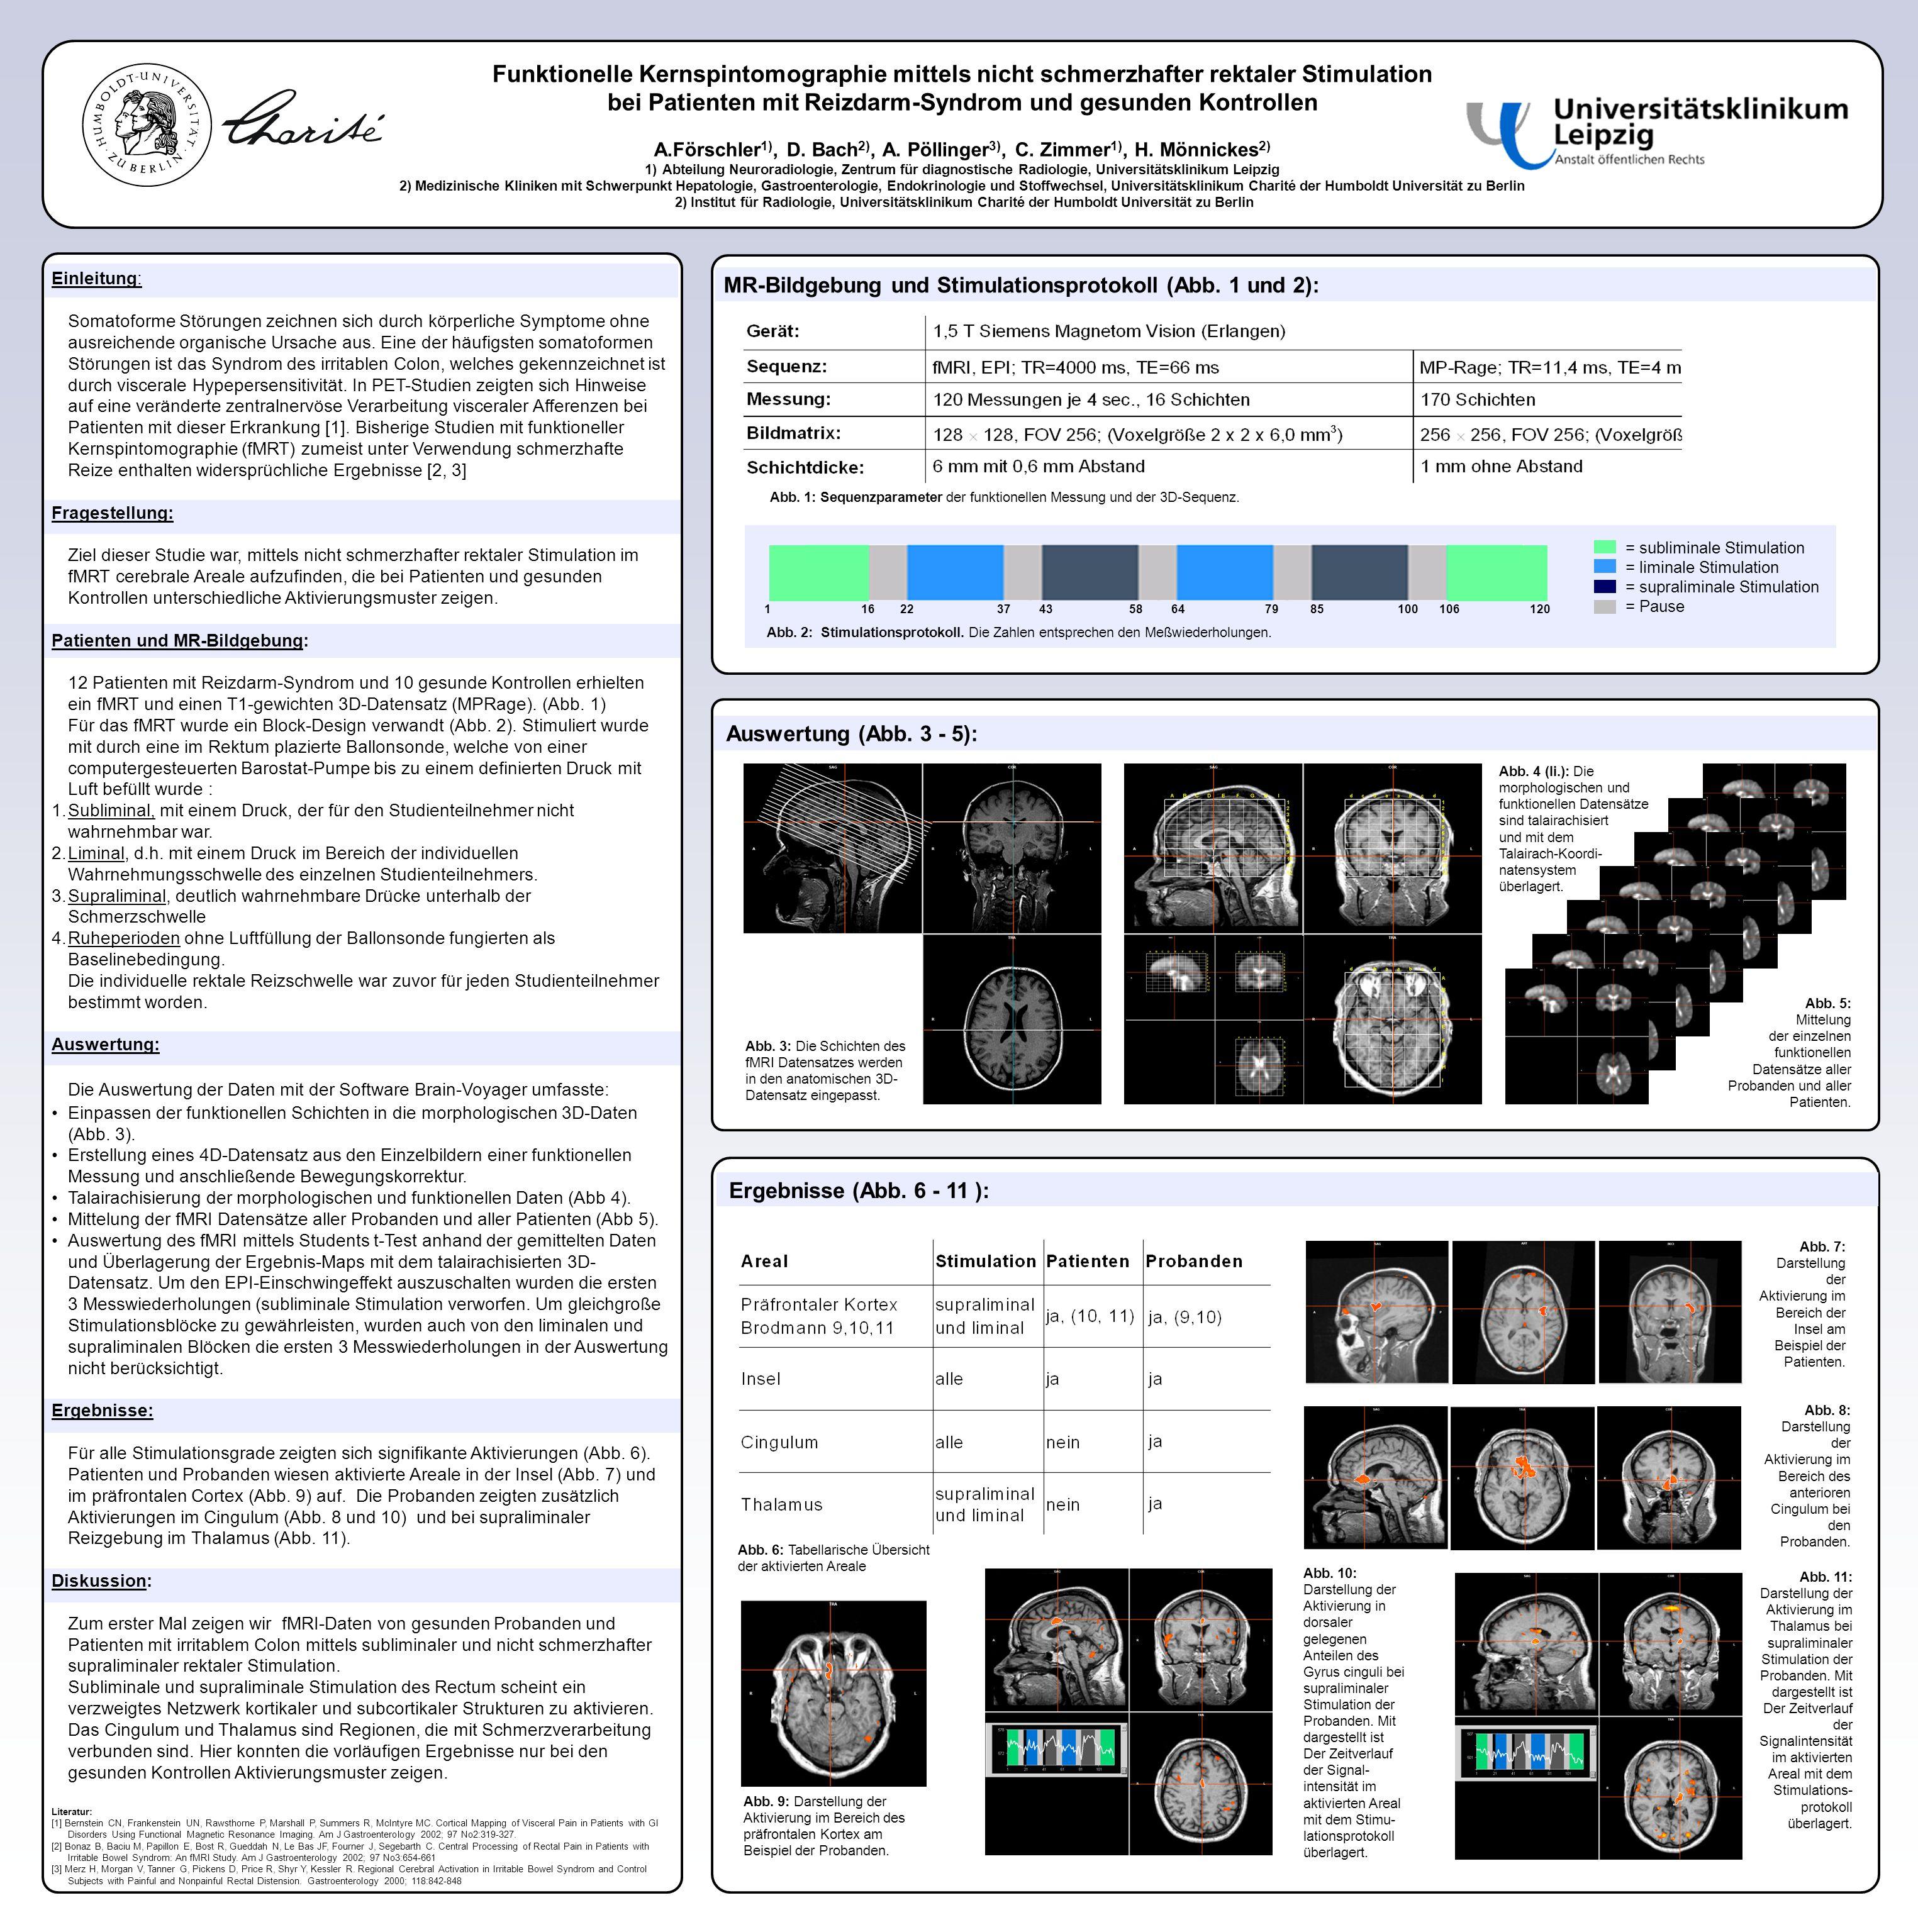 Funktionelle Kernspintomographie mittels nicht schmerzhafter rektaler Stimulation bei Patienten mit Reizdarm-Syndrom und gesunden Kontrollen A.Förschler 1), D.